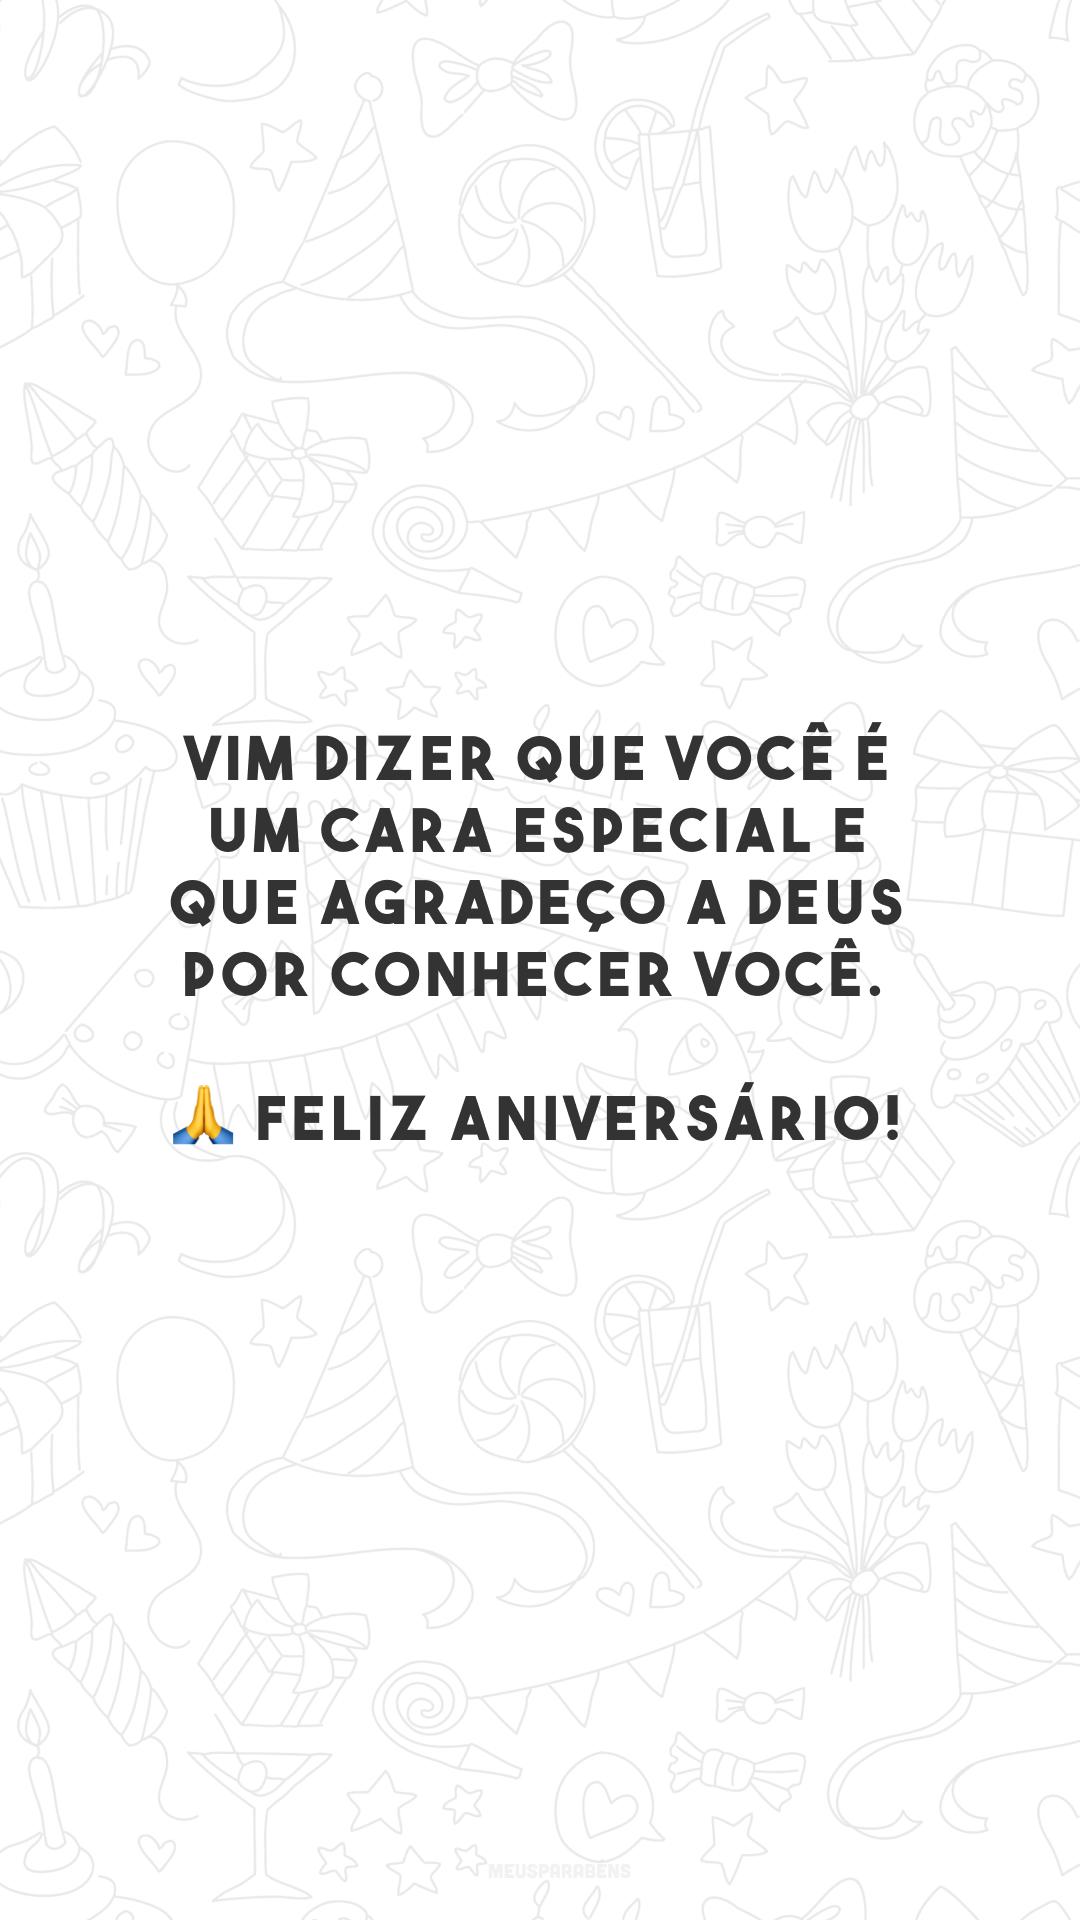 Vim dizer que você é um cara especial e que agradeço a Deus por conhecer você. 🙏 Feliz aniversário!